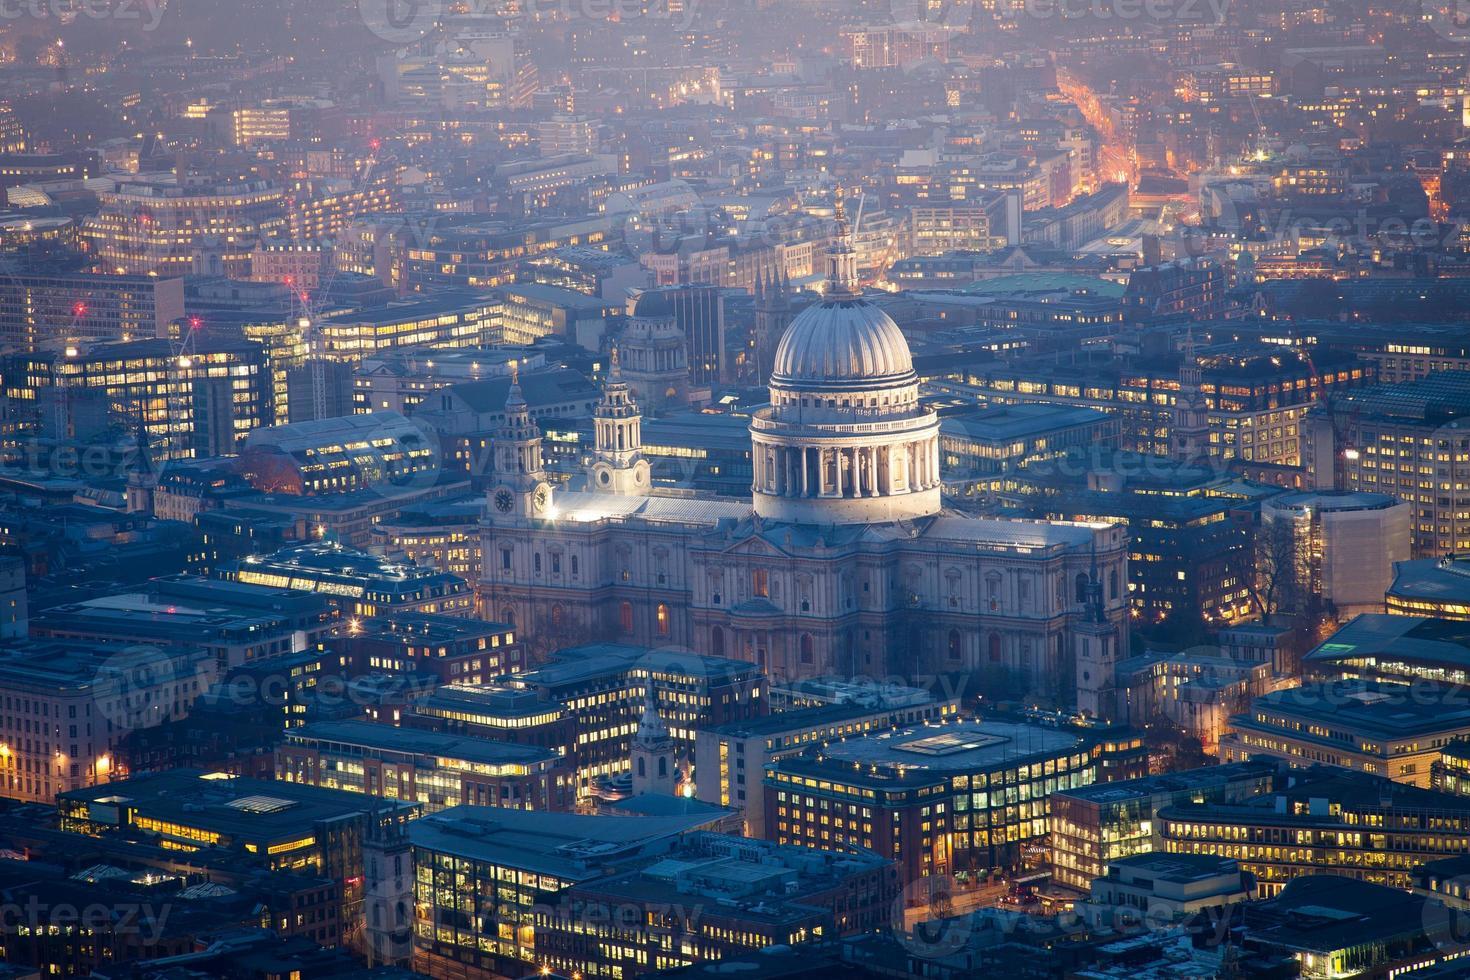 st. Draufsicht auf die Kathedrale von Paul, London England, Großbritannien foto